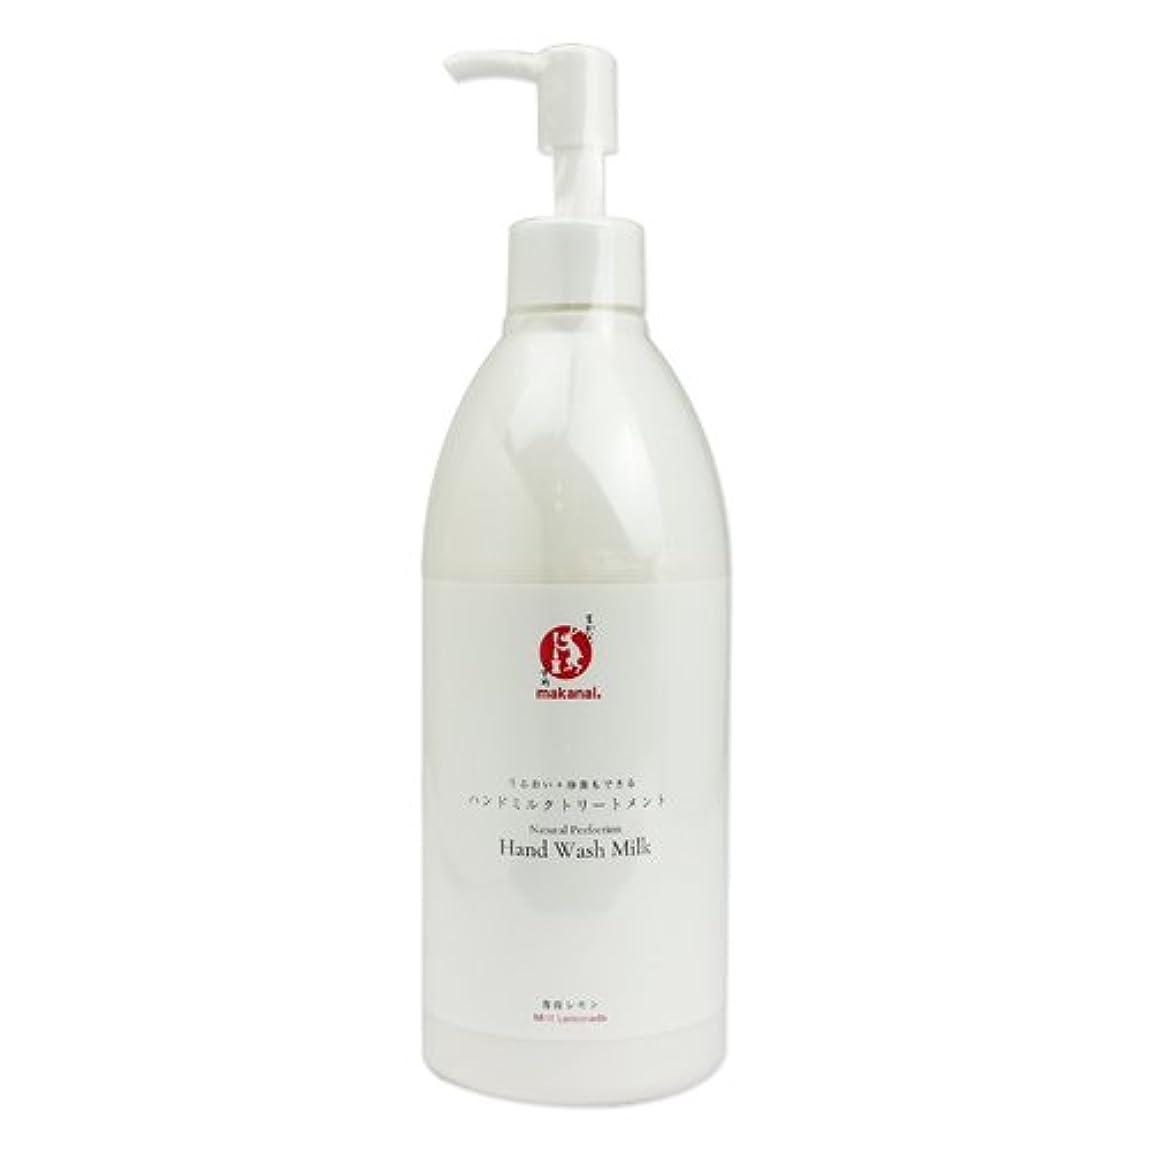 貯水池細菌地中海まかないこすめ ハンドミルクトリートメント(薄荷レモンの香り) 320g